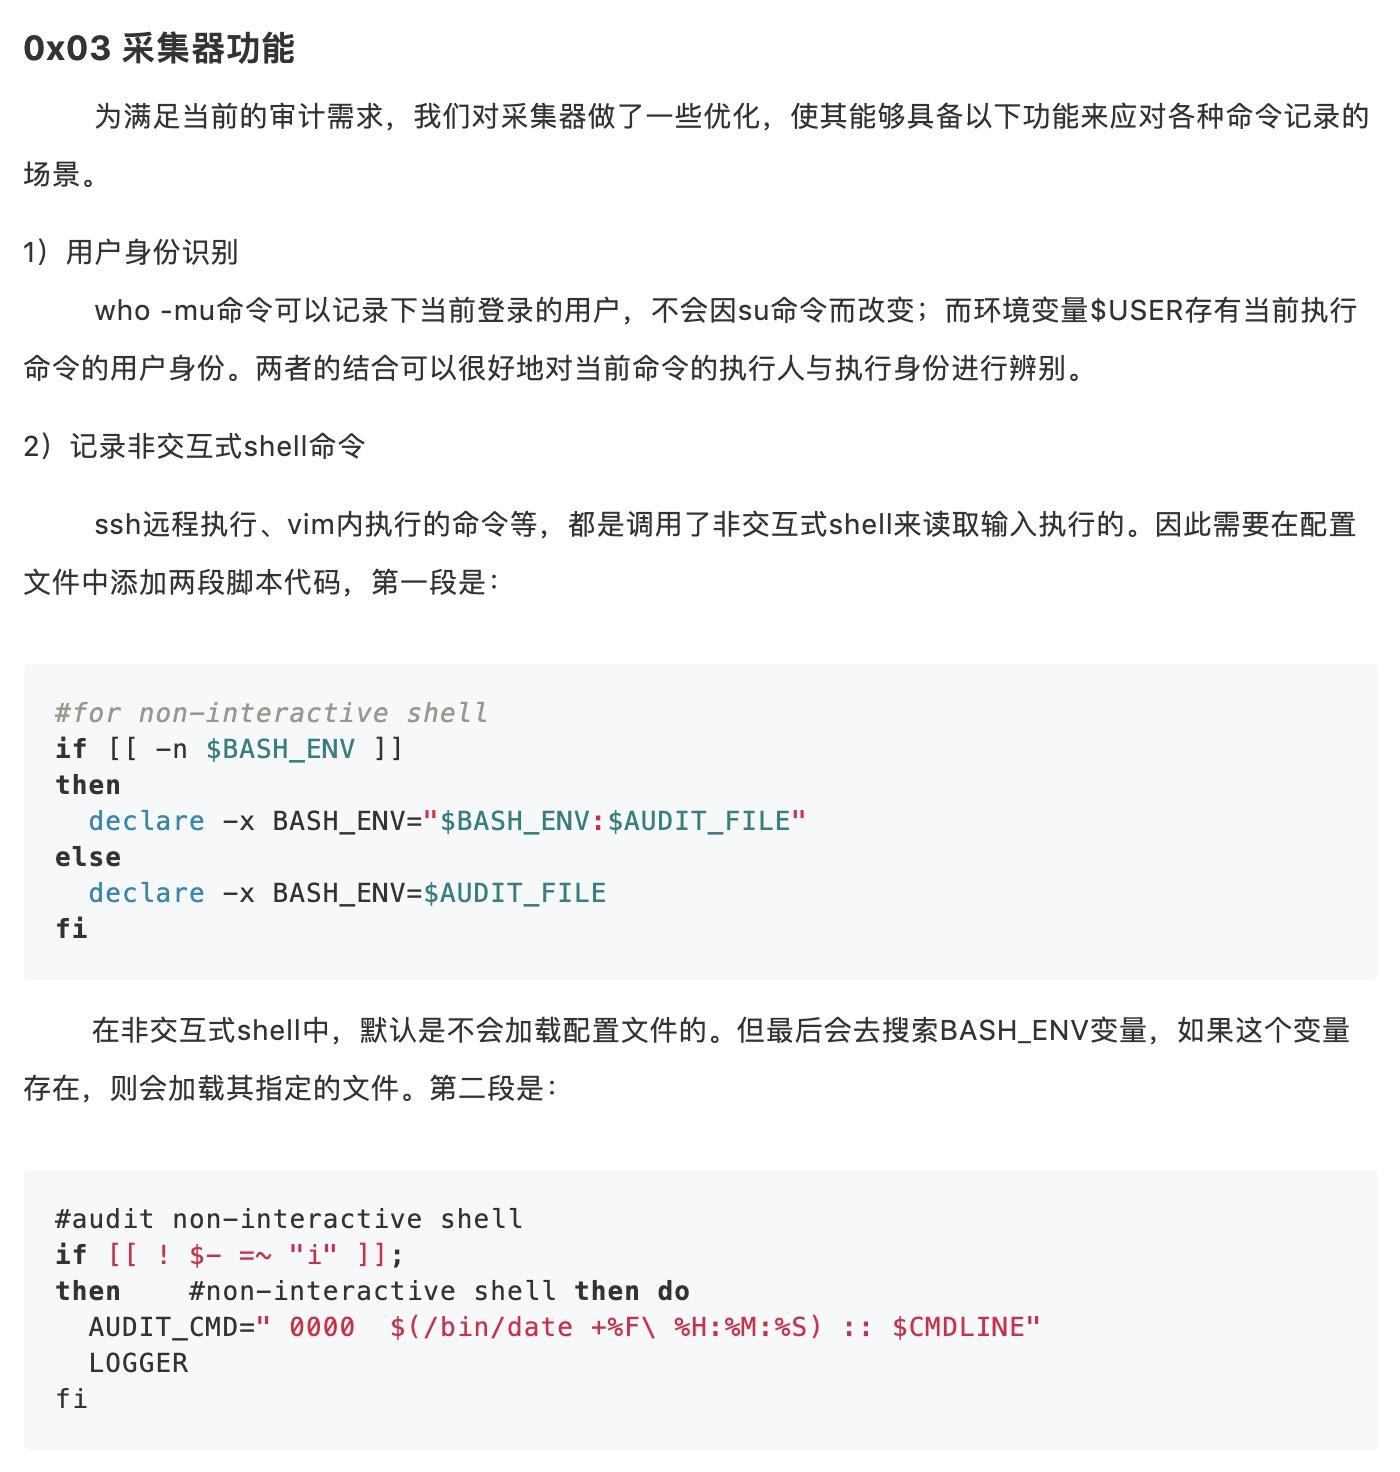 https://momo-mmsrc.oss-cn-hangzhou.aliyuncs.com/img-3373e962-de1c-3919-95cd-81b7454d9561.jpeg